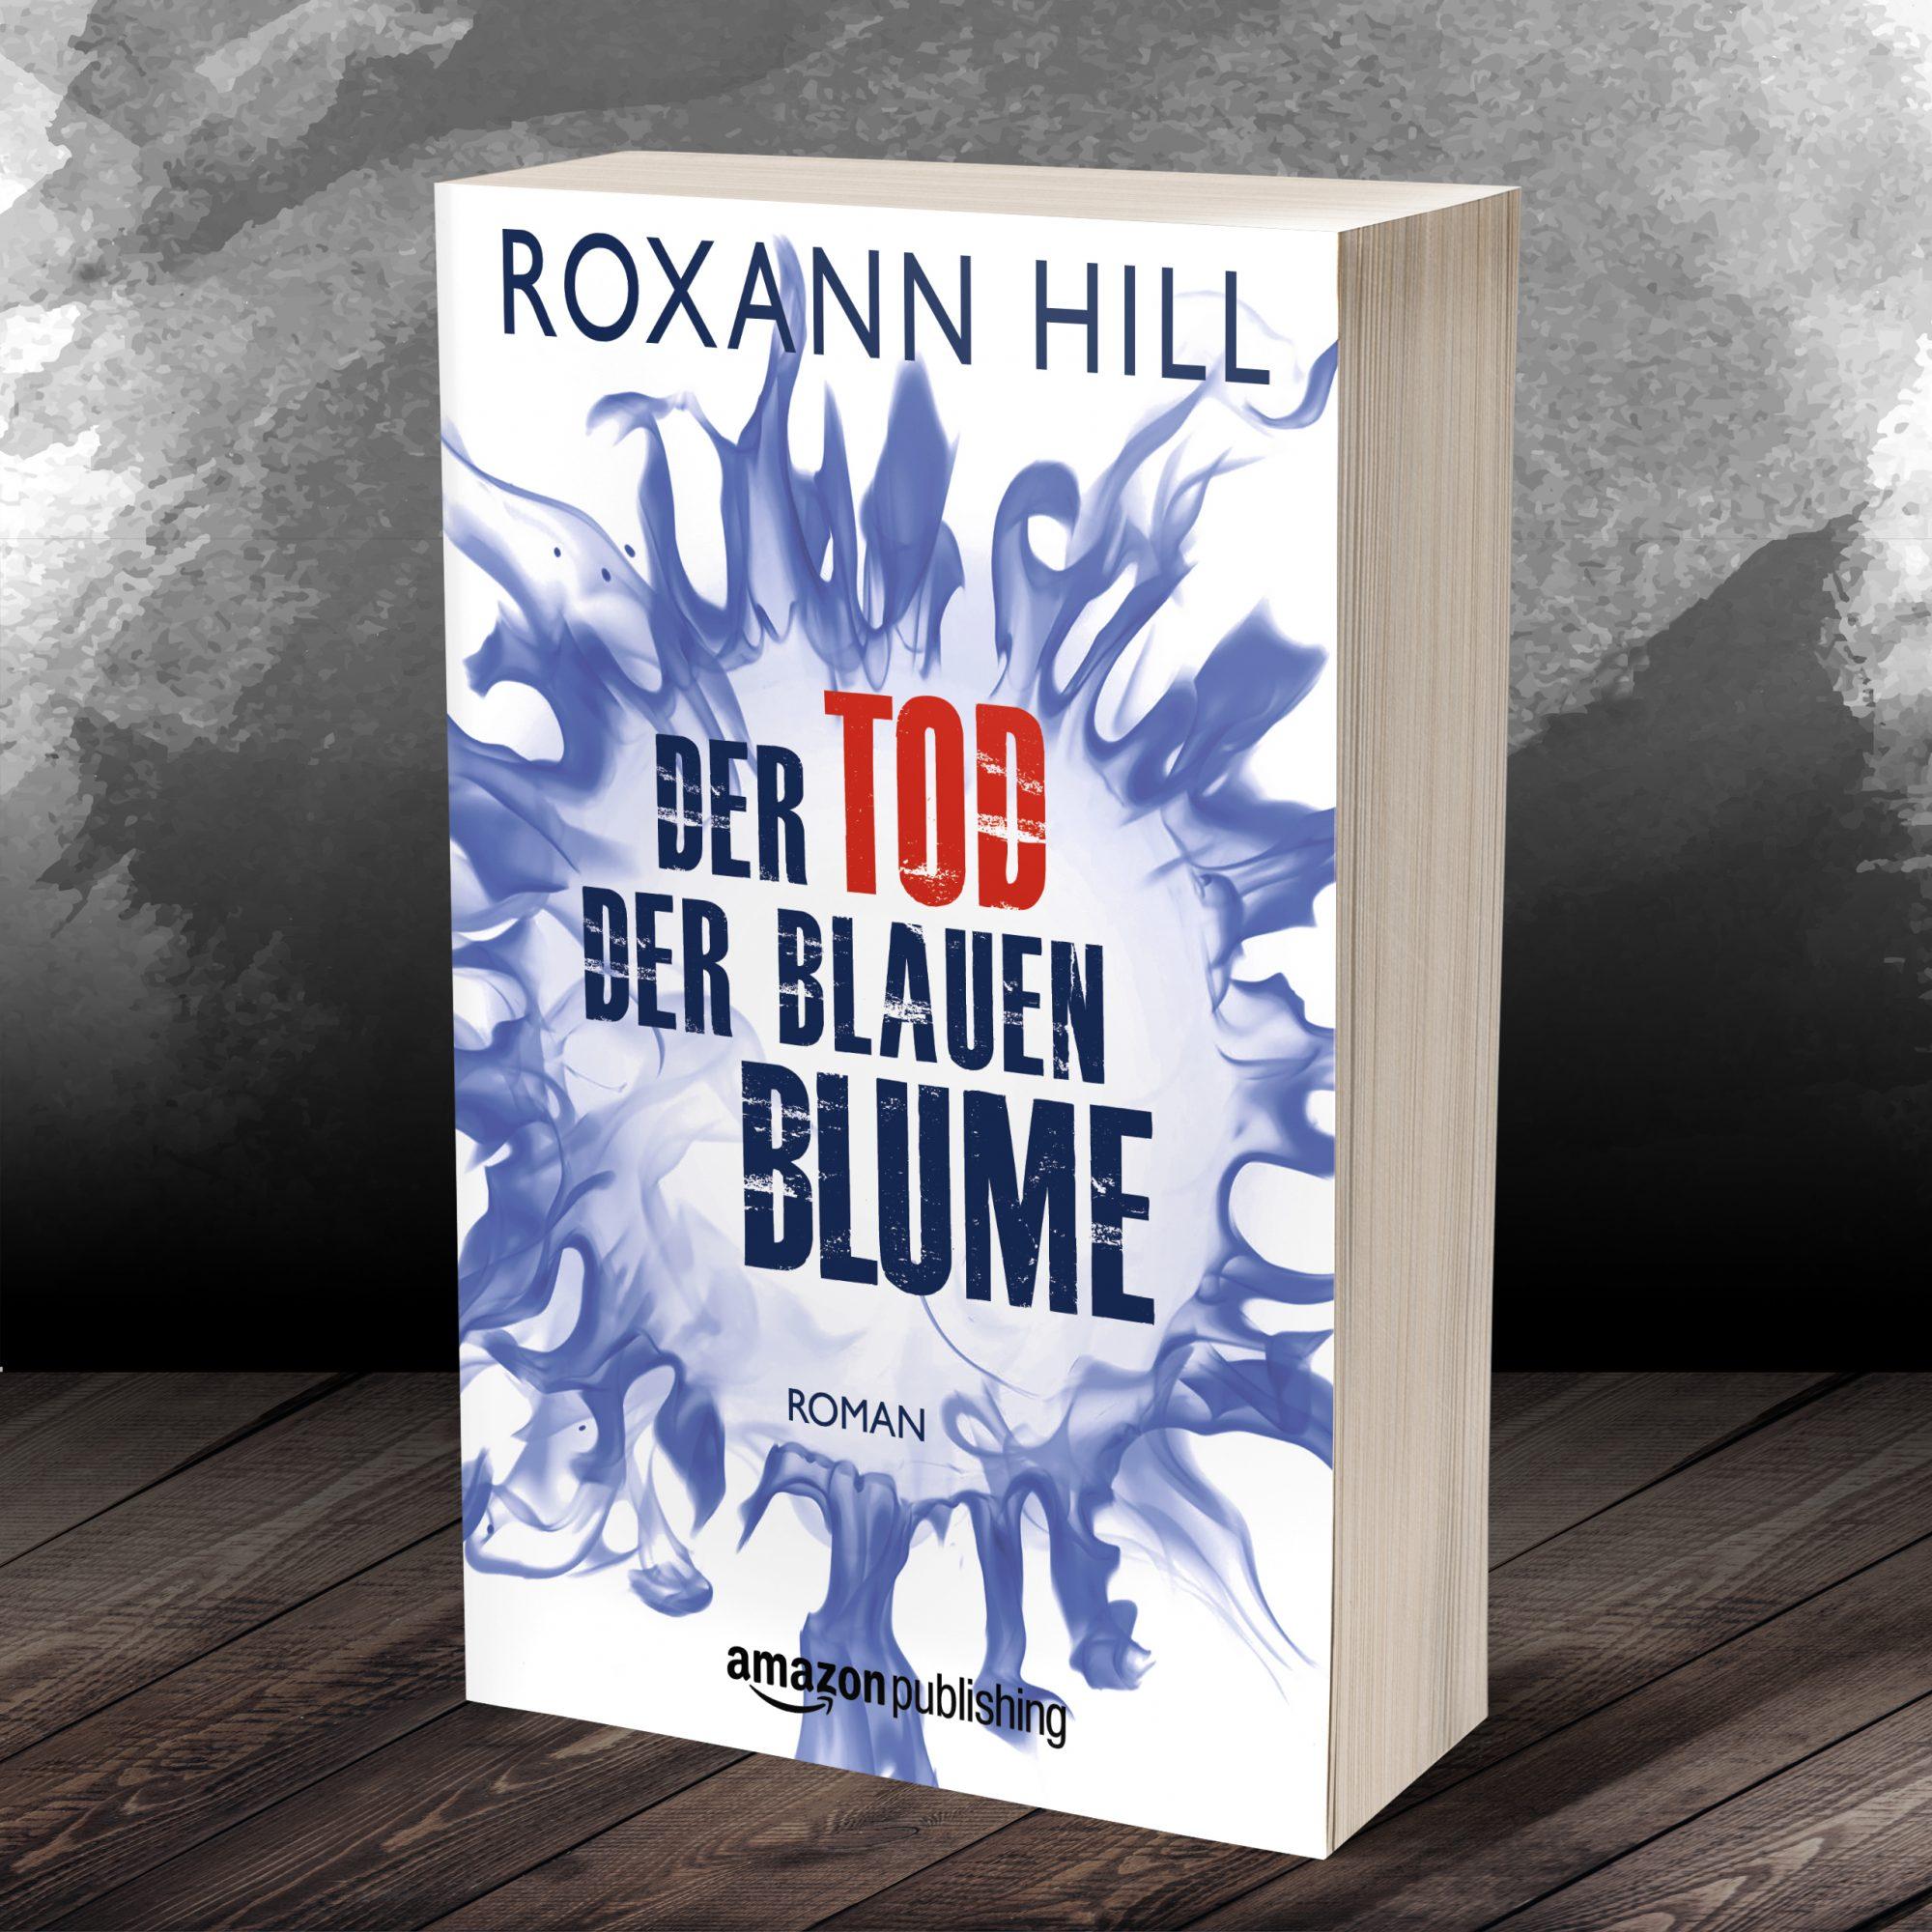 Roxann Hill: Der Tod der blauen Blume